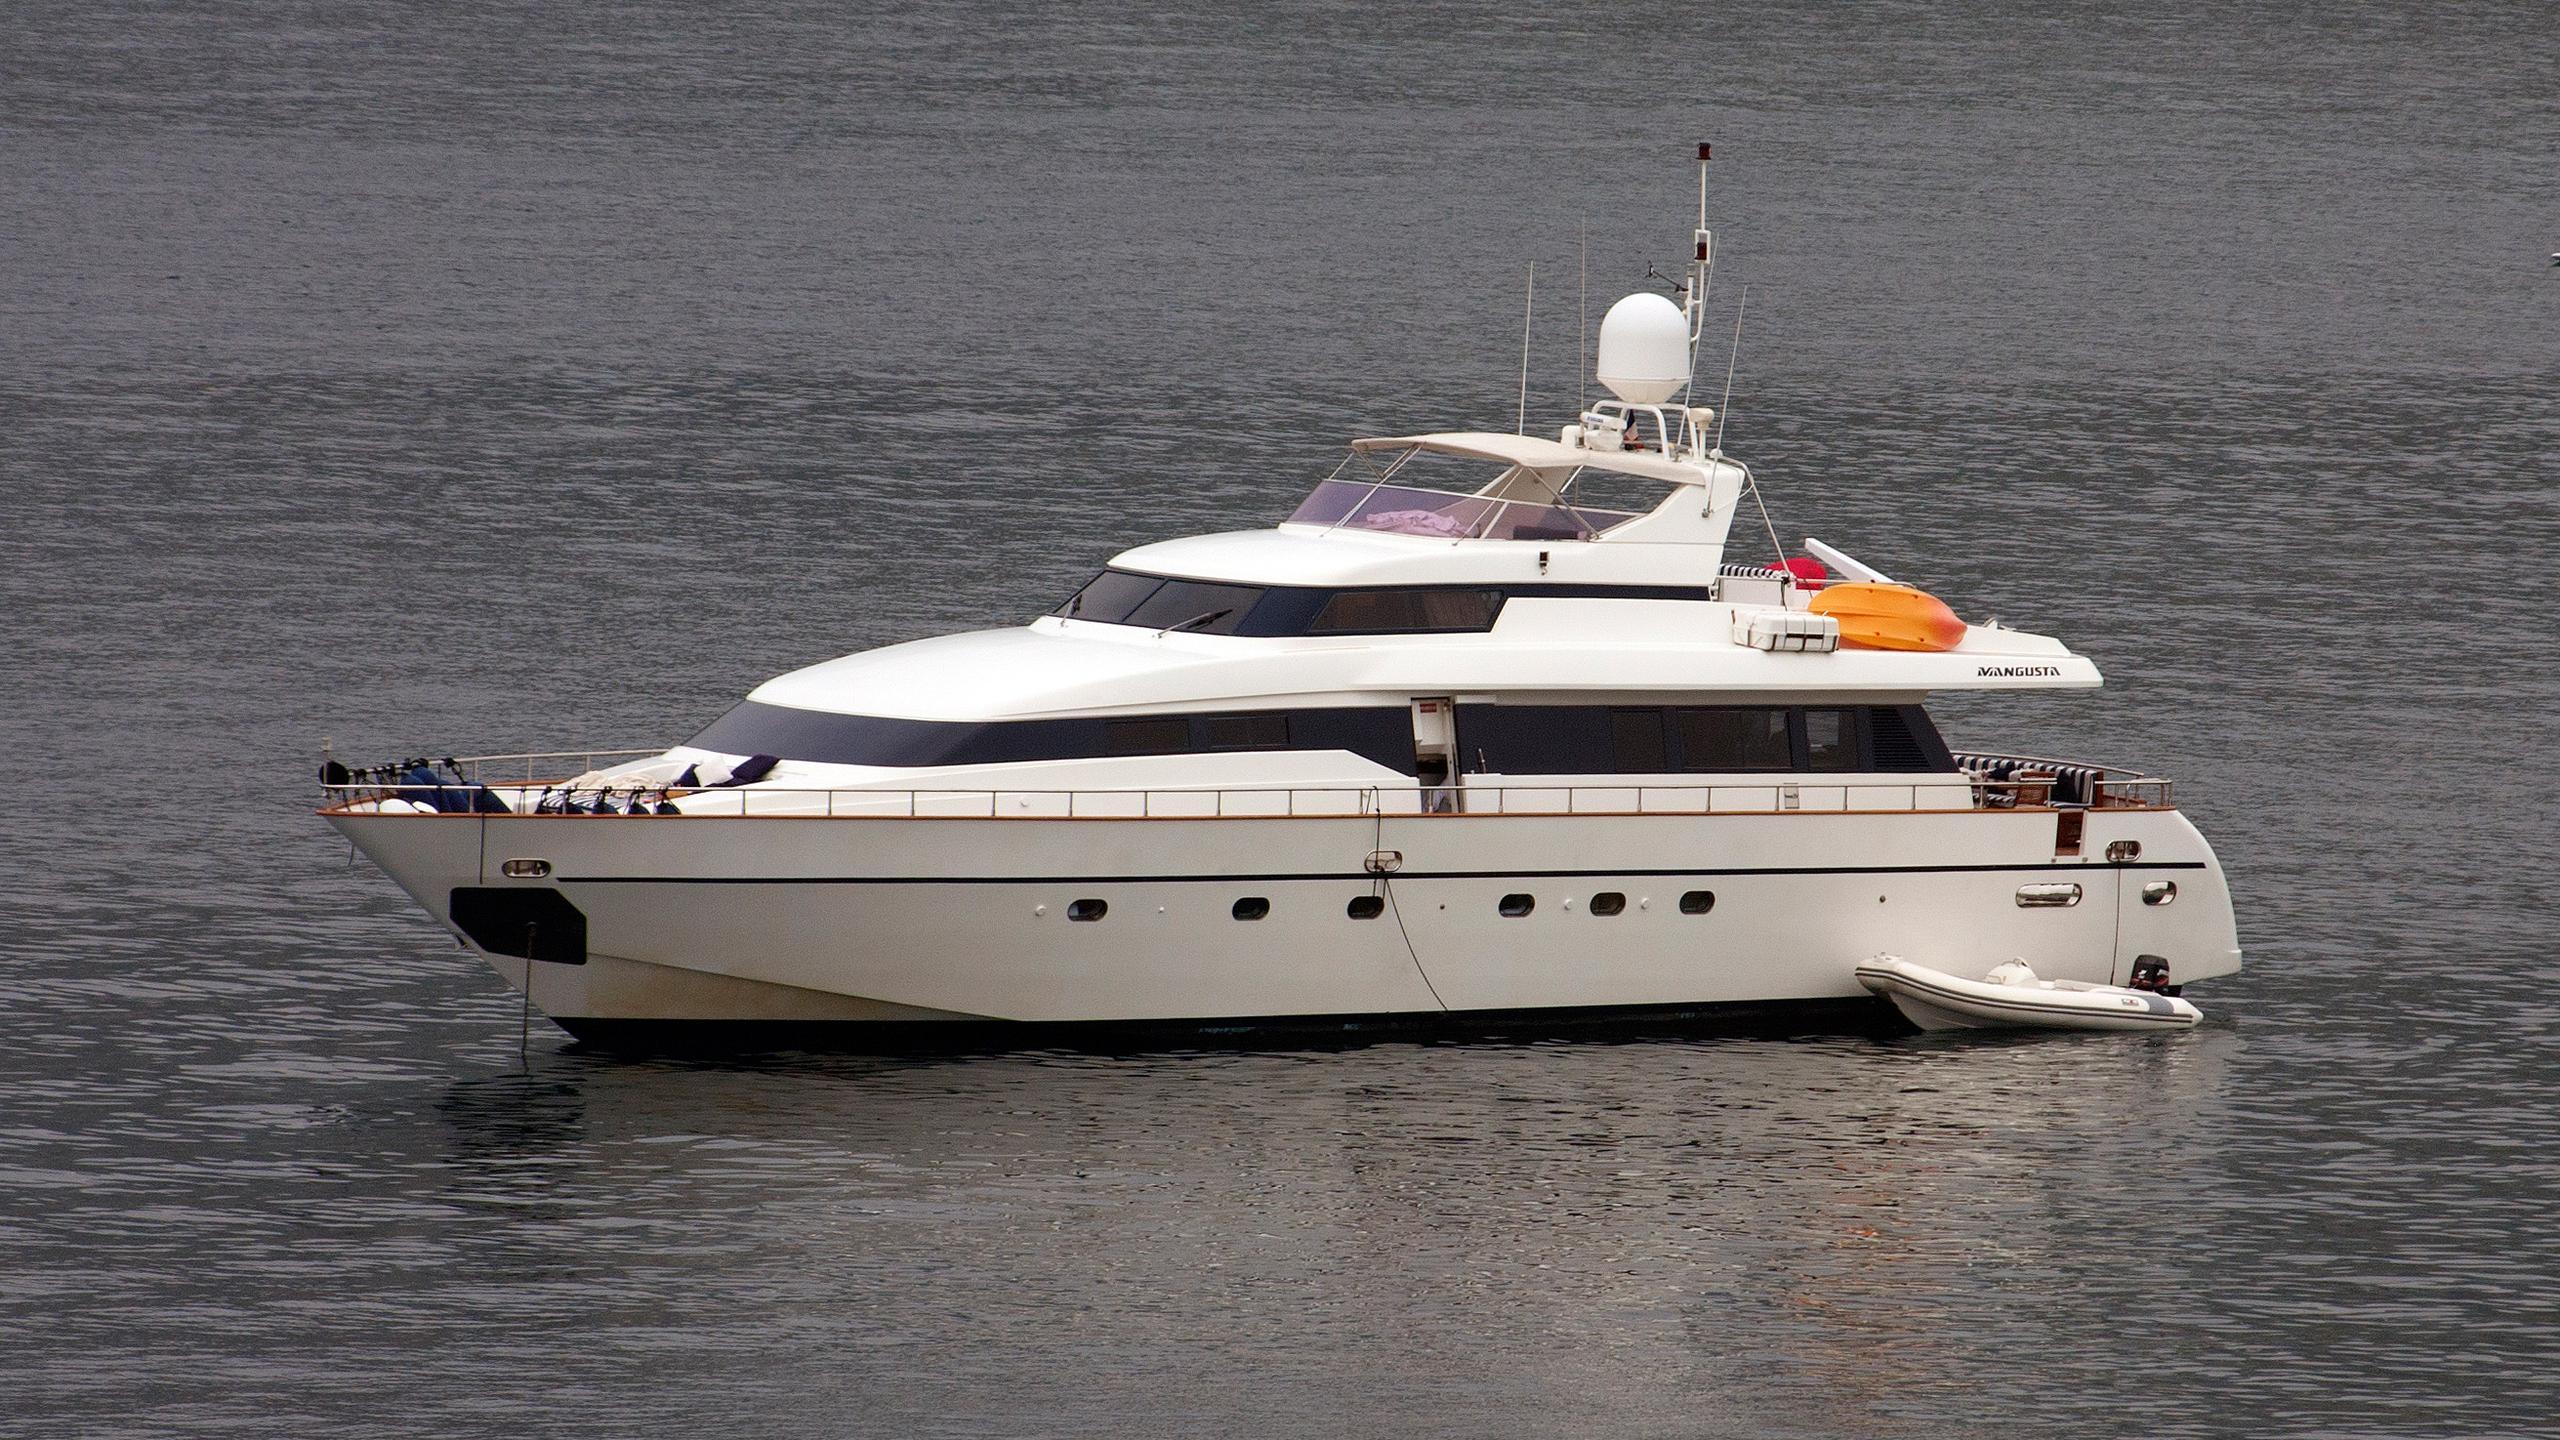 indulgence-of-poole-motor-yacht-versilmarina-1998-26m-anchored